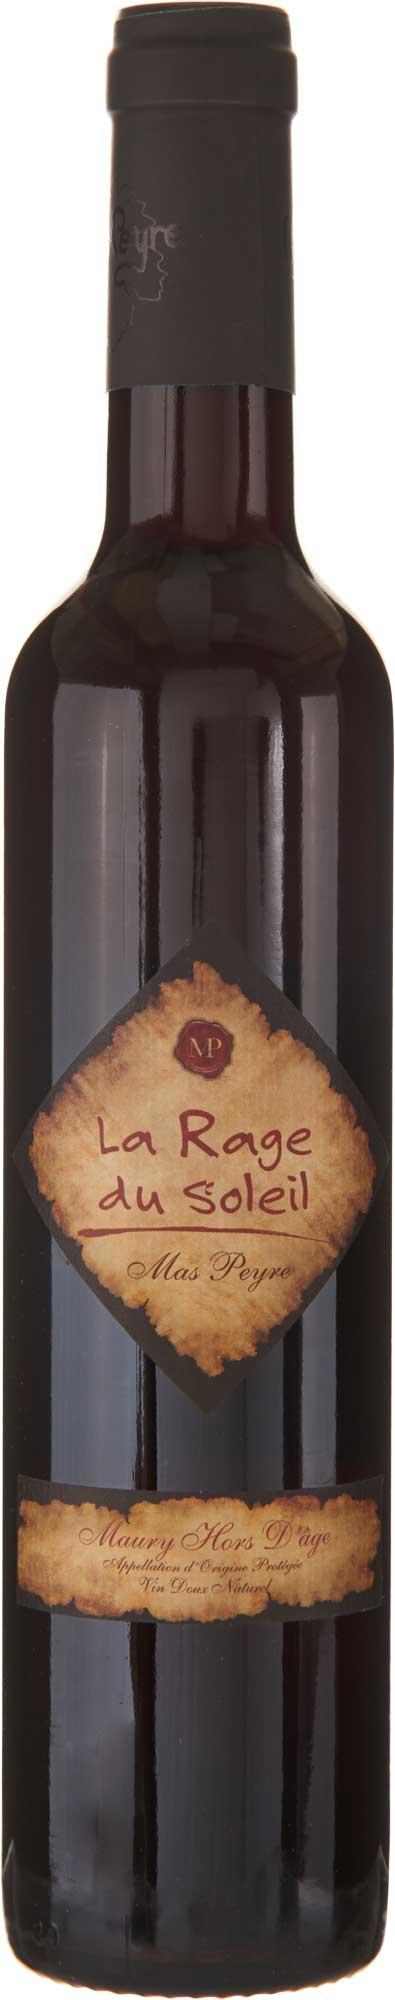 """Mas Peyre Maury Hors d'Age """"La Rage du Soleil"""" NV"""